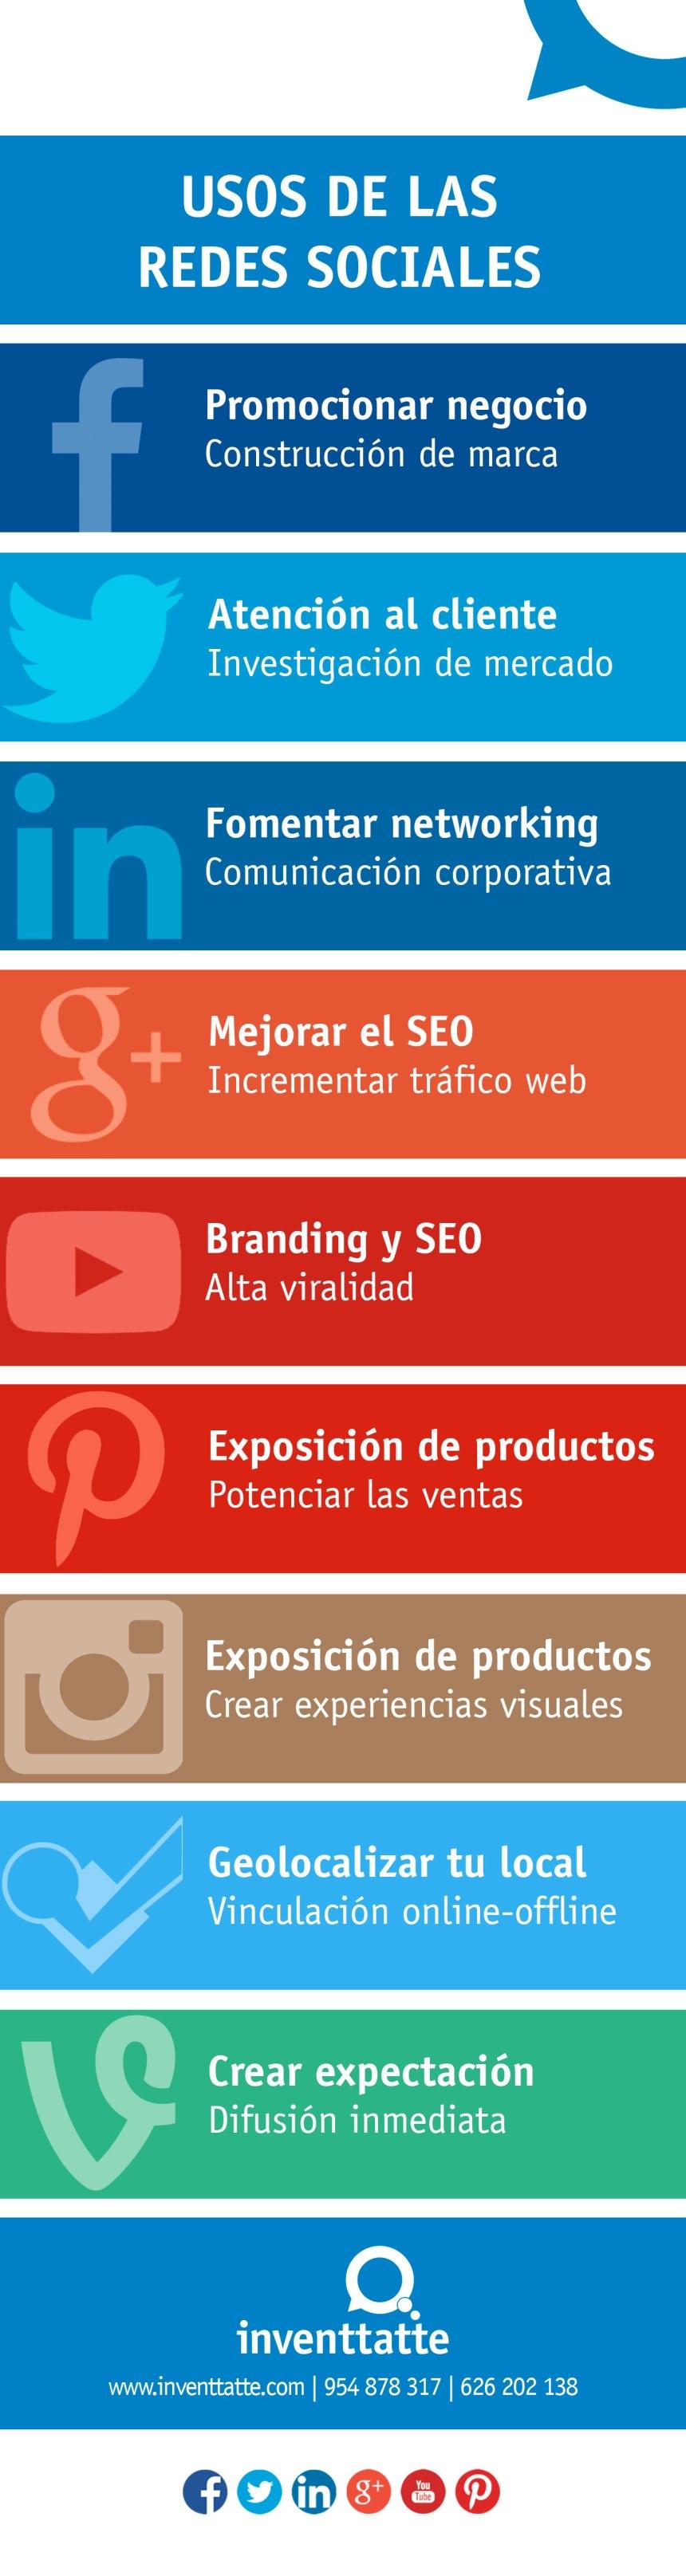 Usos de las Redes Sociales